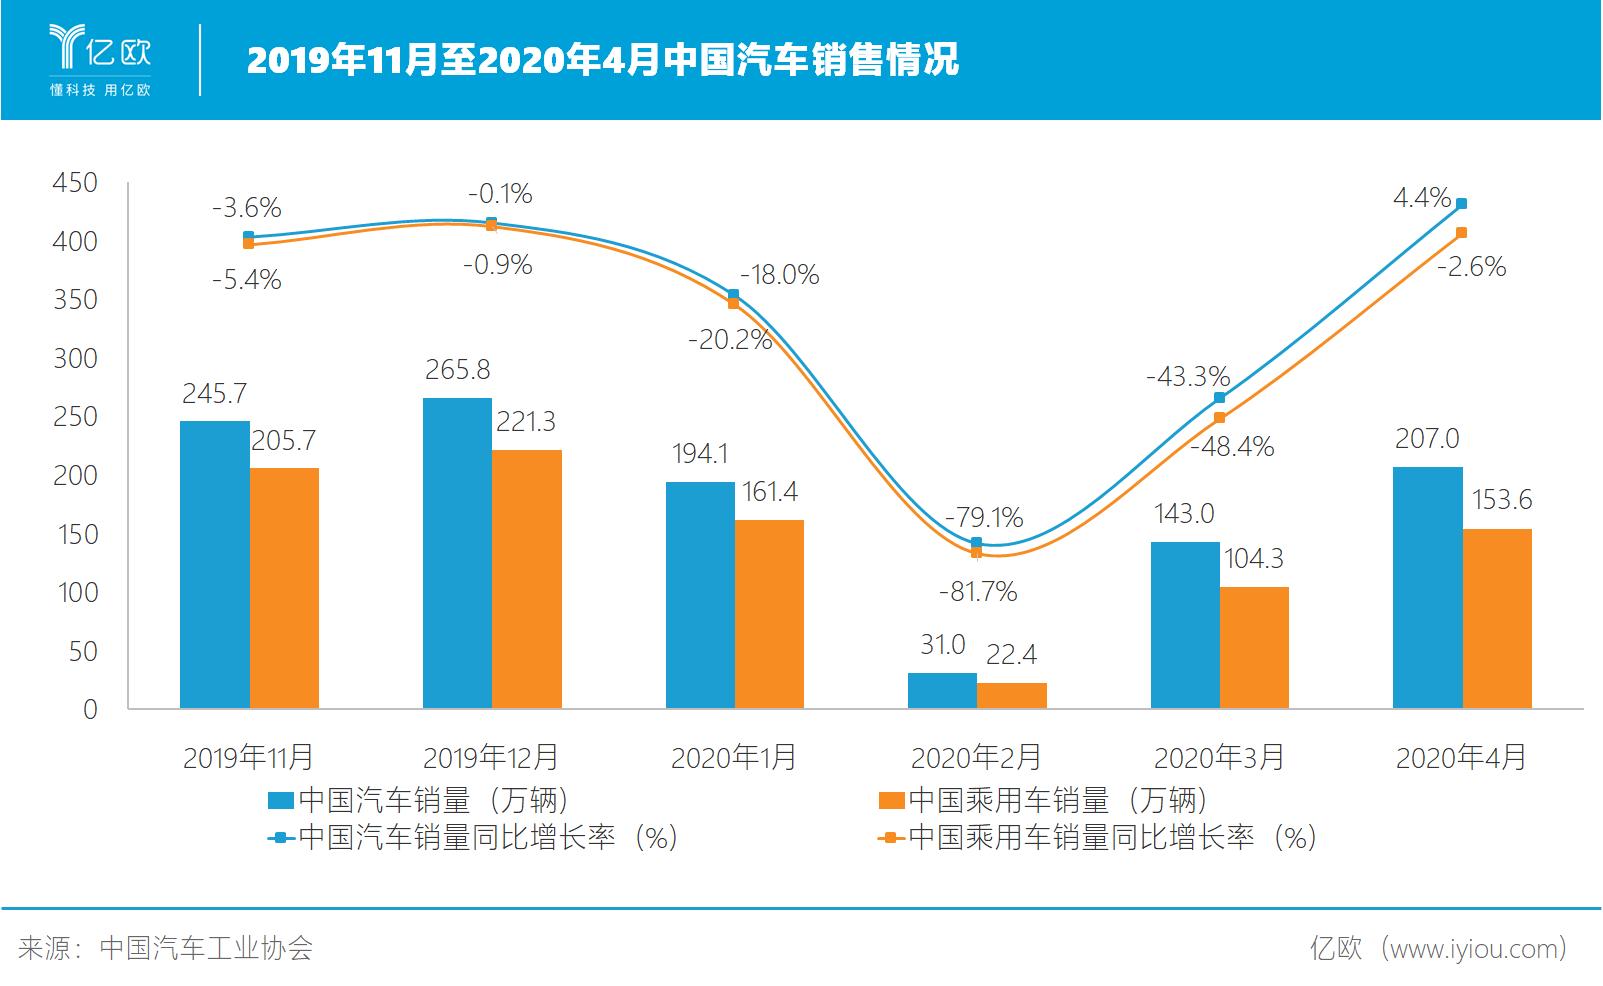 2019年11月至2020年4月中国汽车销售情况